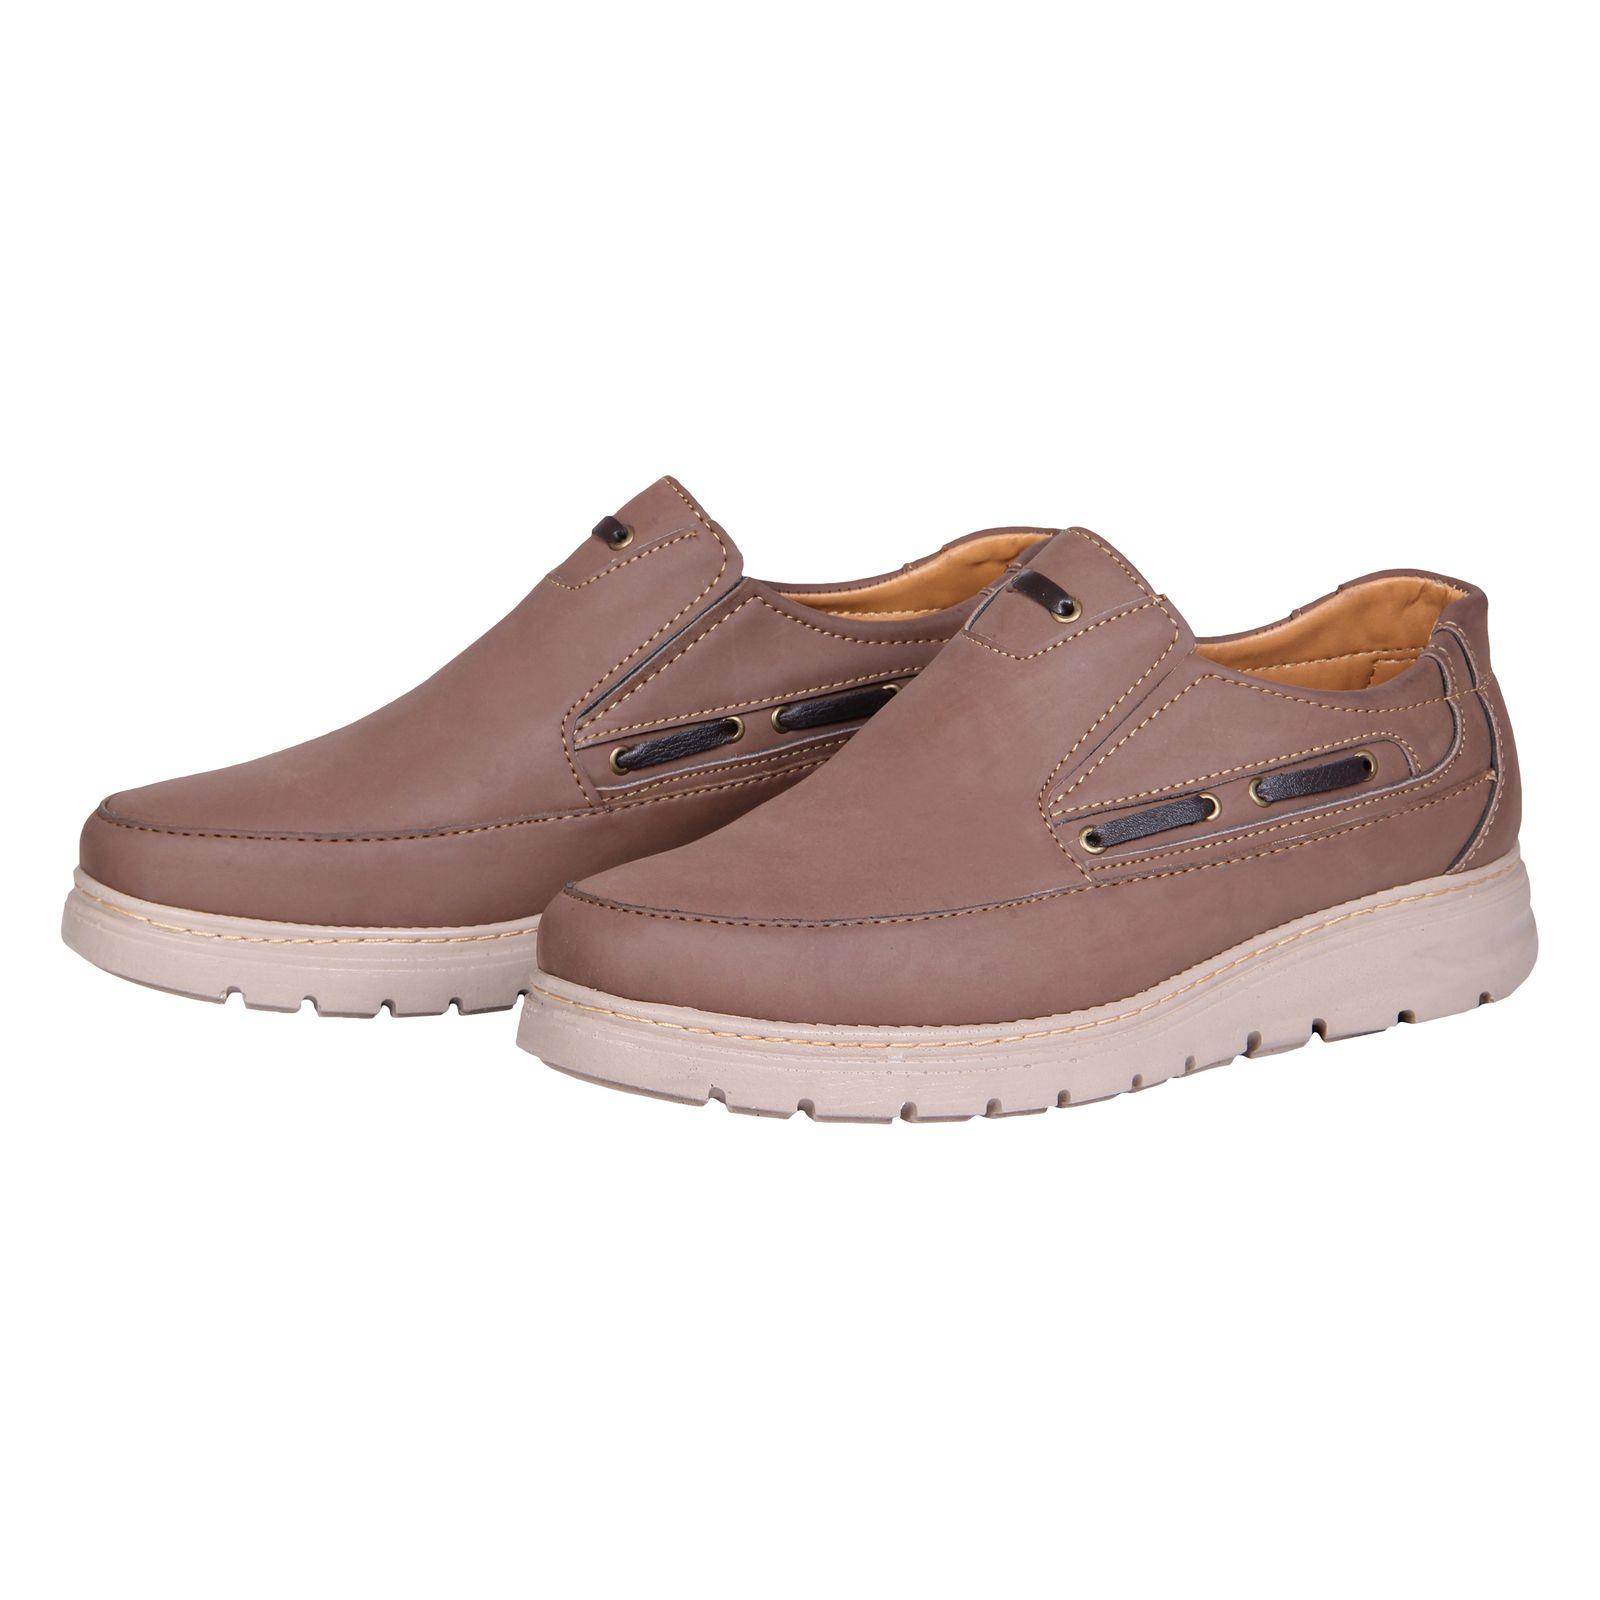 کفش روزمره مردانه کد 14-39868 -  - 4